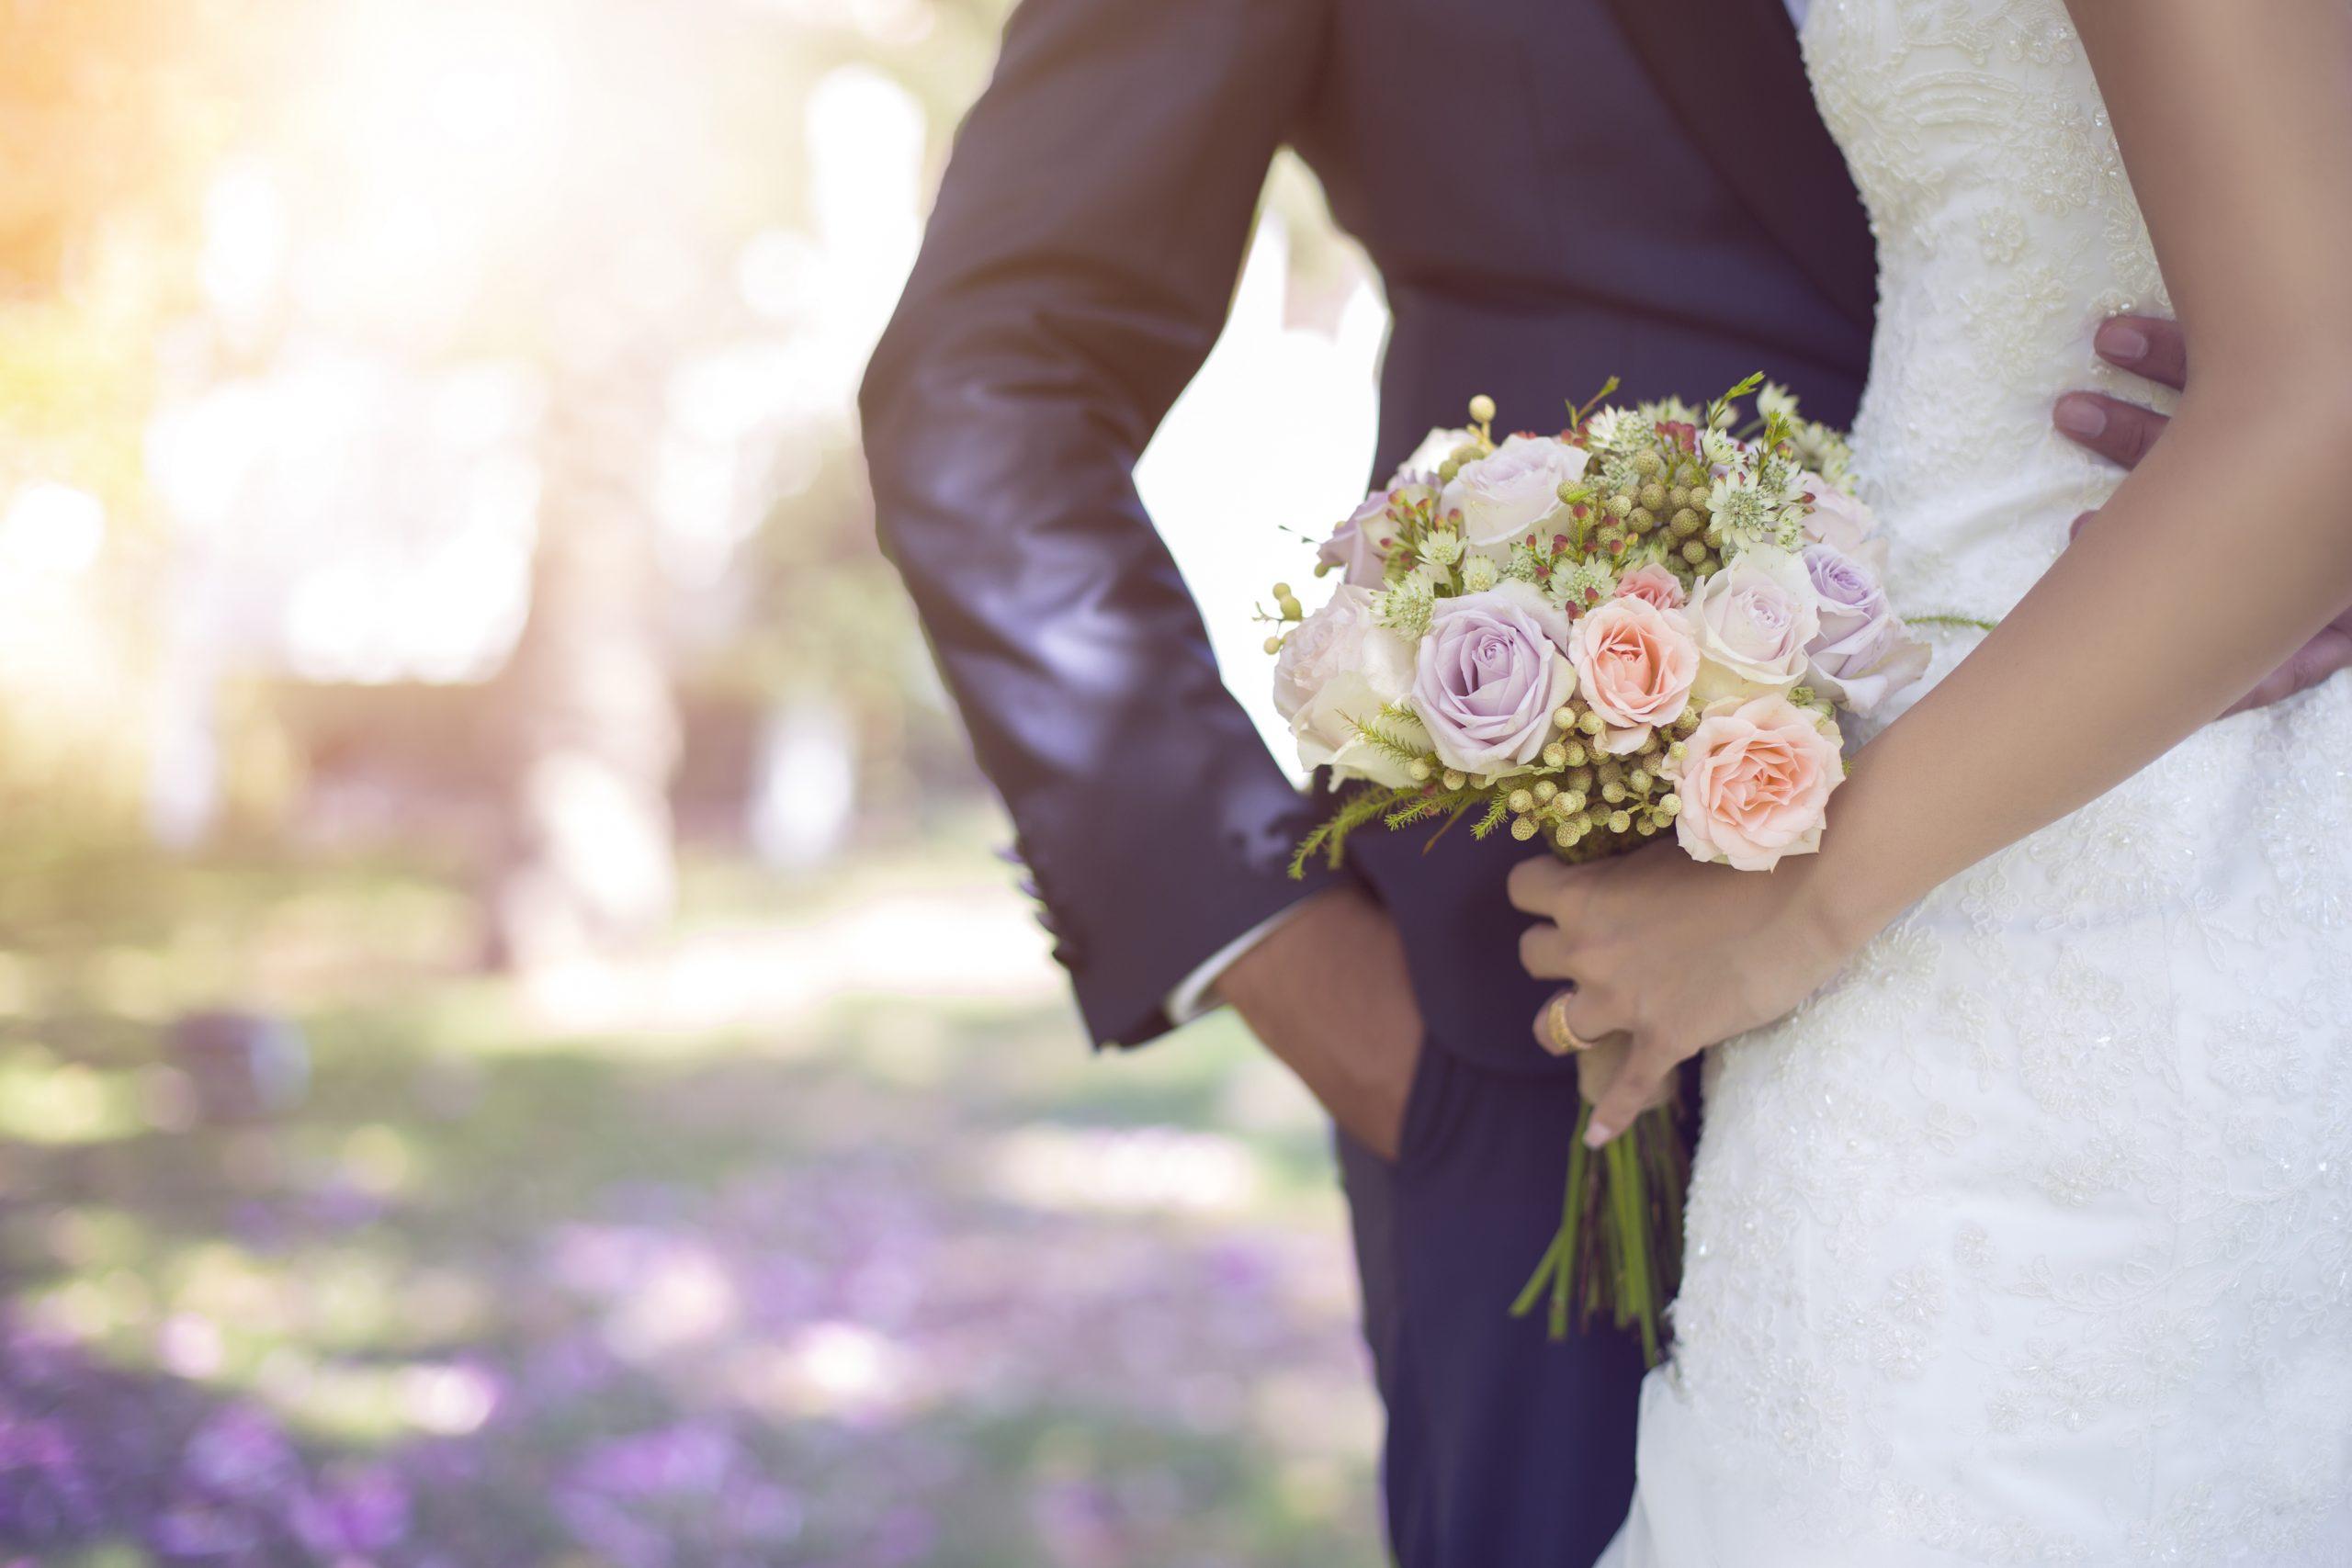 結婚占い|本当に『結婚』できちゃった【あなたの結婚縁&結婚相手の特徴】